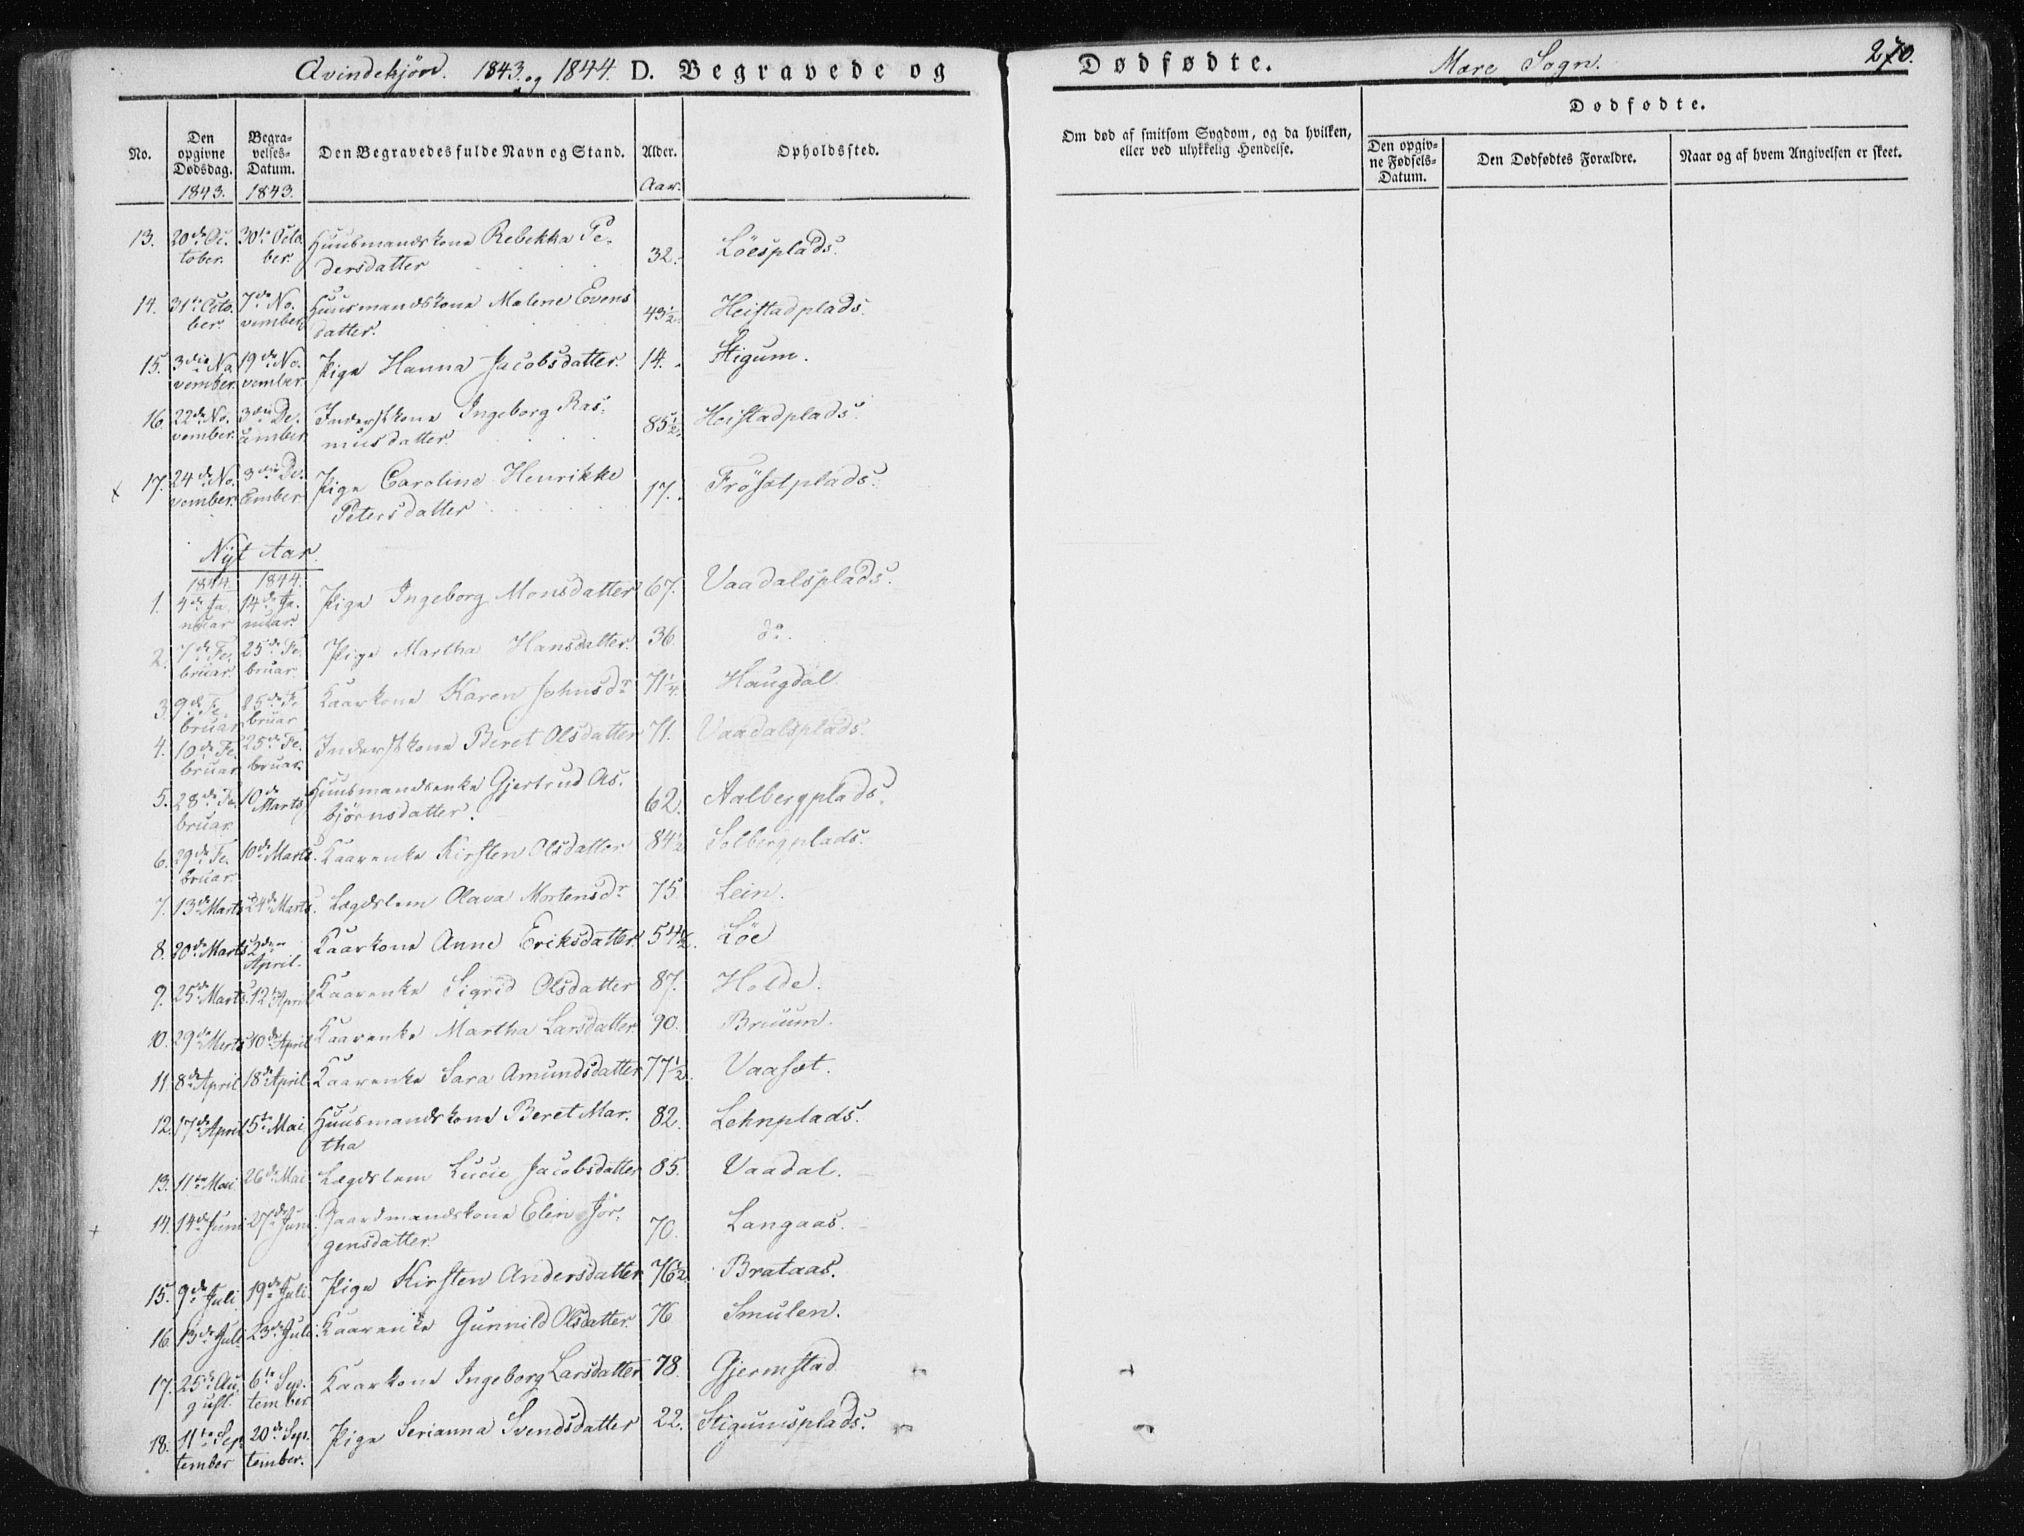 SAT, Ministerialprotokoller, klokkerbøker og fødselsregistre - Nord-Trøndelag, 735/L0339: Ministerialbok nr. 735A06 /1, 1836-1848, s. 270